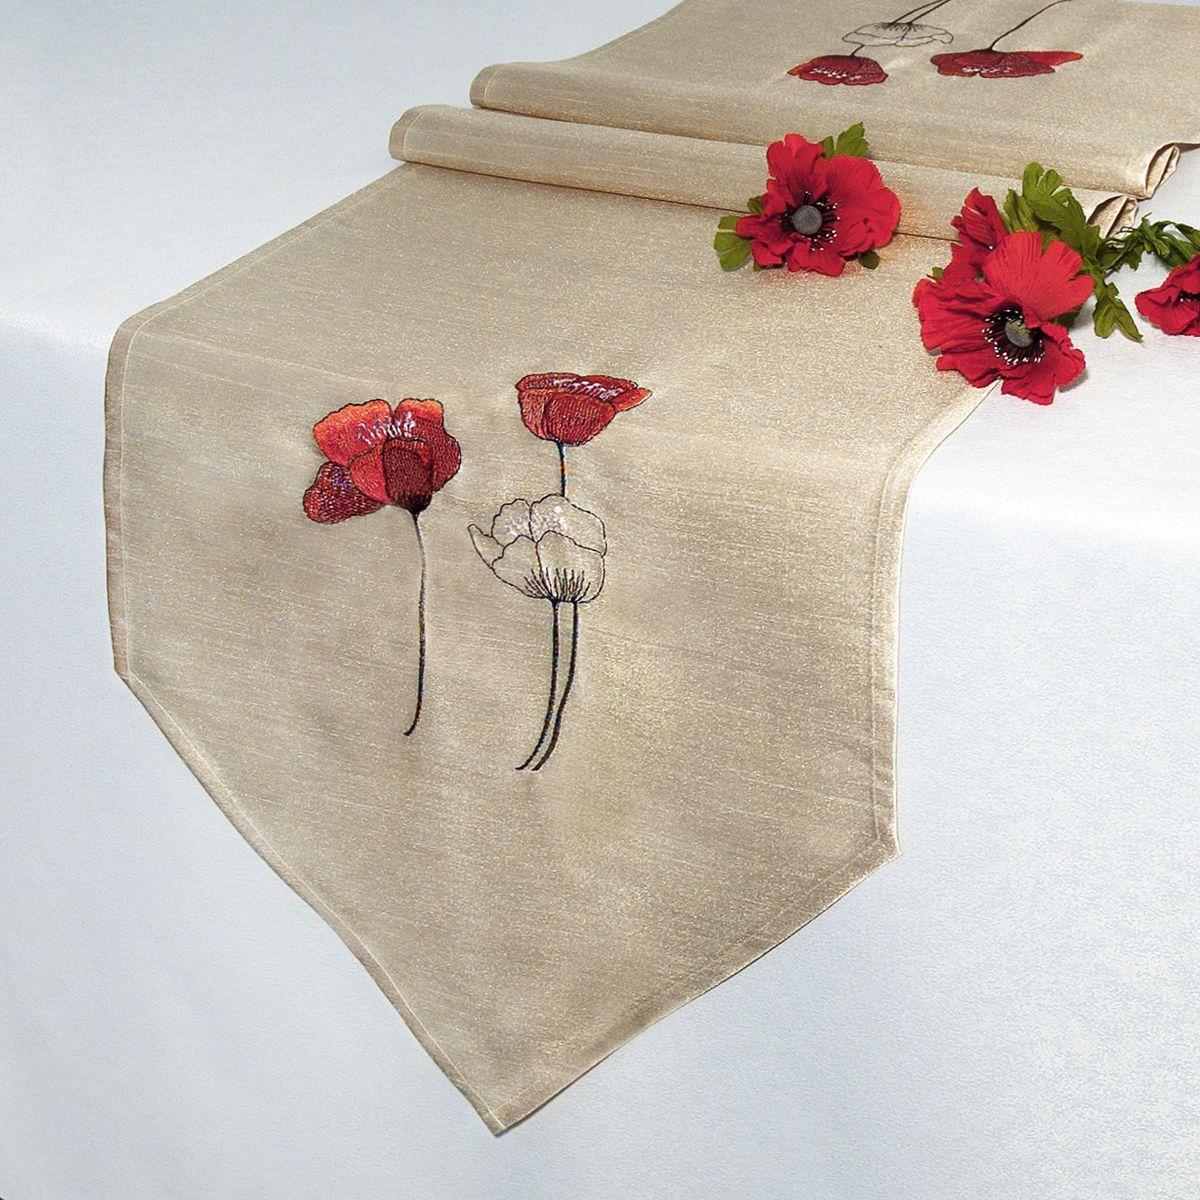 Дорожка для декорирования стола Schaefer, 40 x 160 см, цвет: бежевый. 07201-25407201-254Дорожка для декорирования стола Schaefer может быть использована, как основной элемент,так и дополнение для создания уюта и романтического настроения.Дорожка выполнена из полиэстера. Изделие легко стирать: оно не мнется, не садится и быстросохнет, более долговечно, чем изделие из натуральных волокон.Материал: 100% полиэстер. Размер: 40 x 160 см.